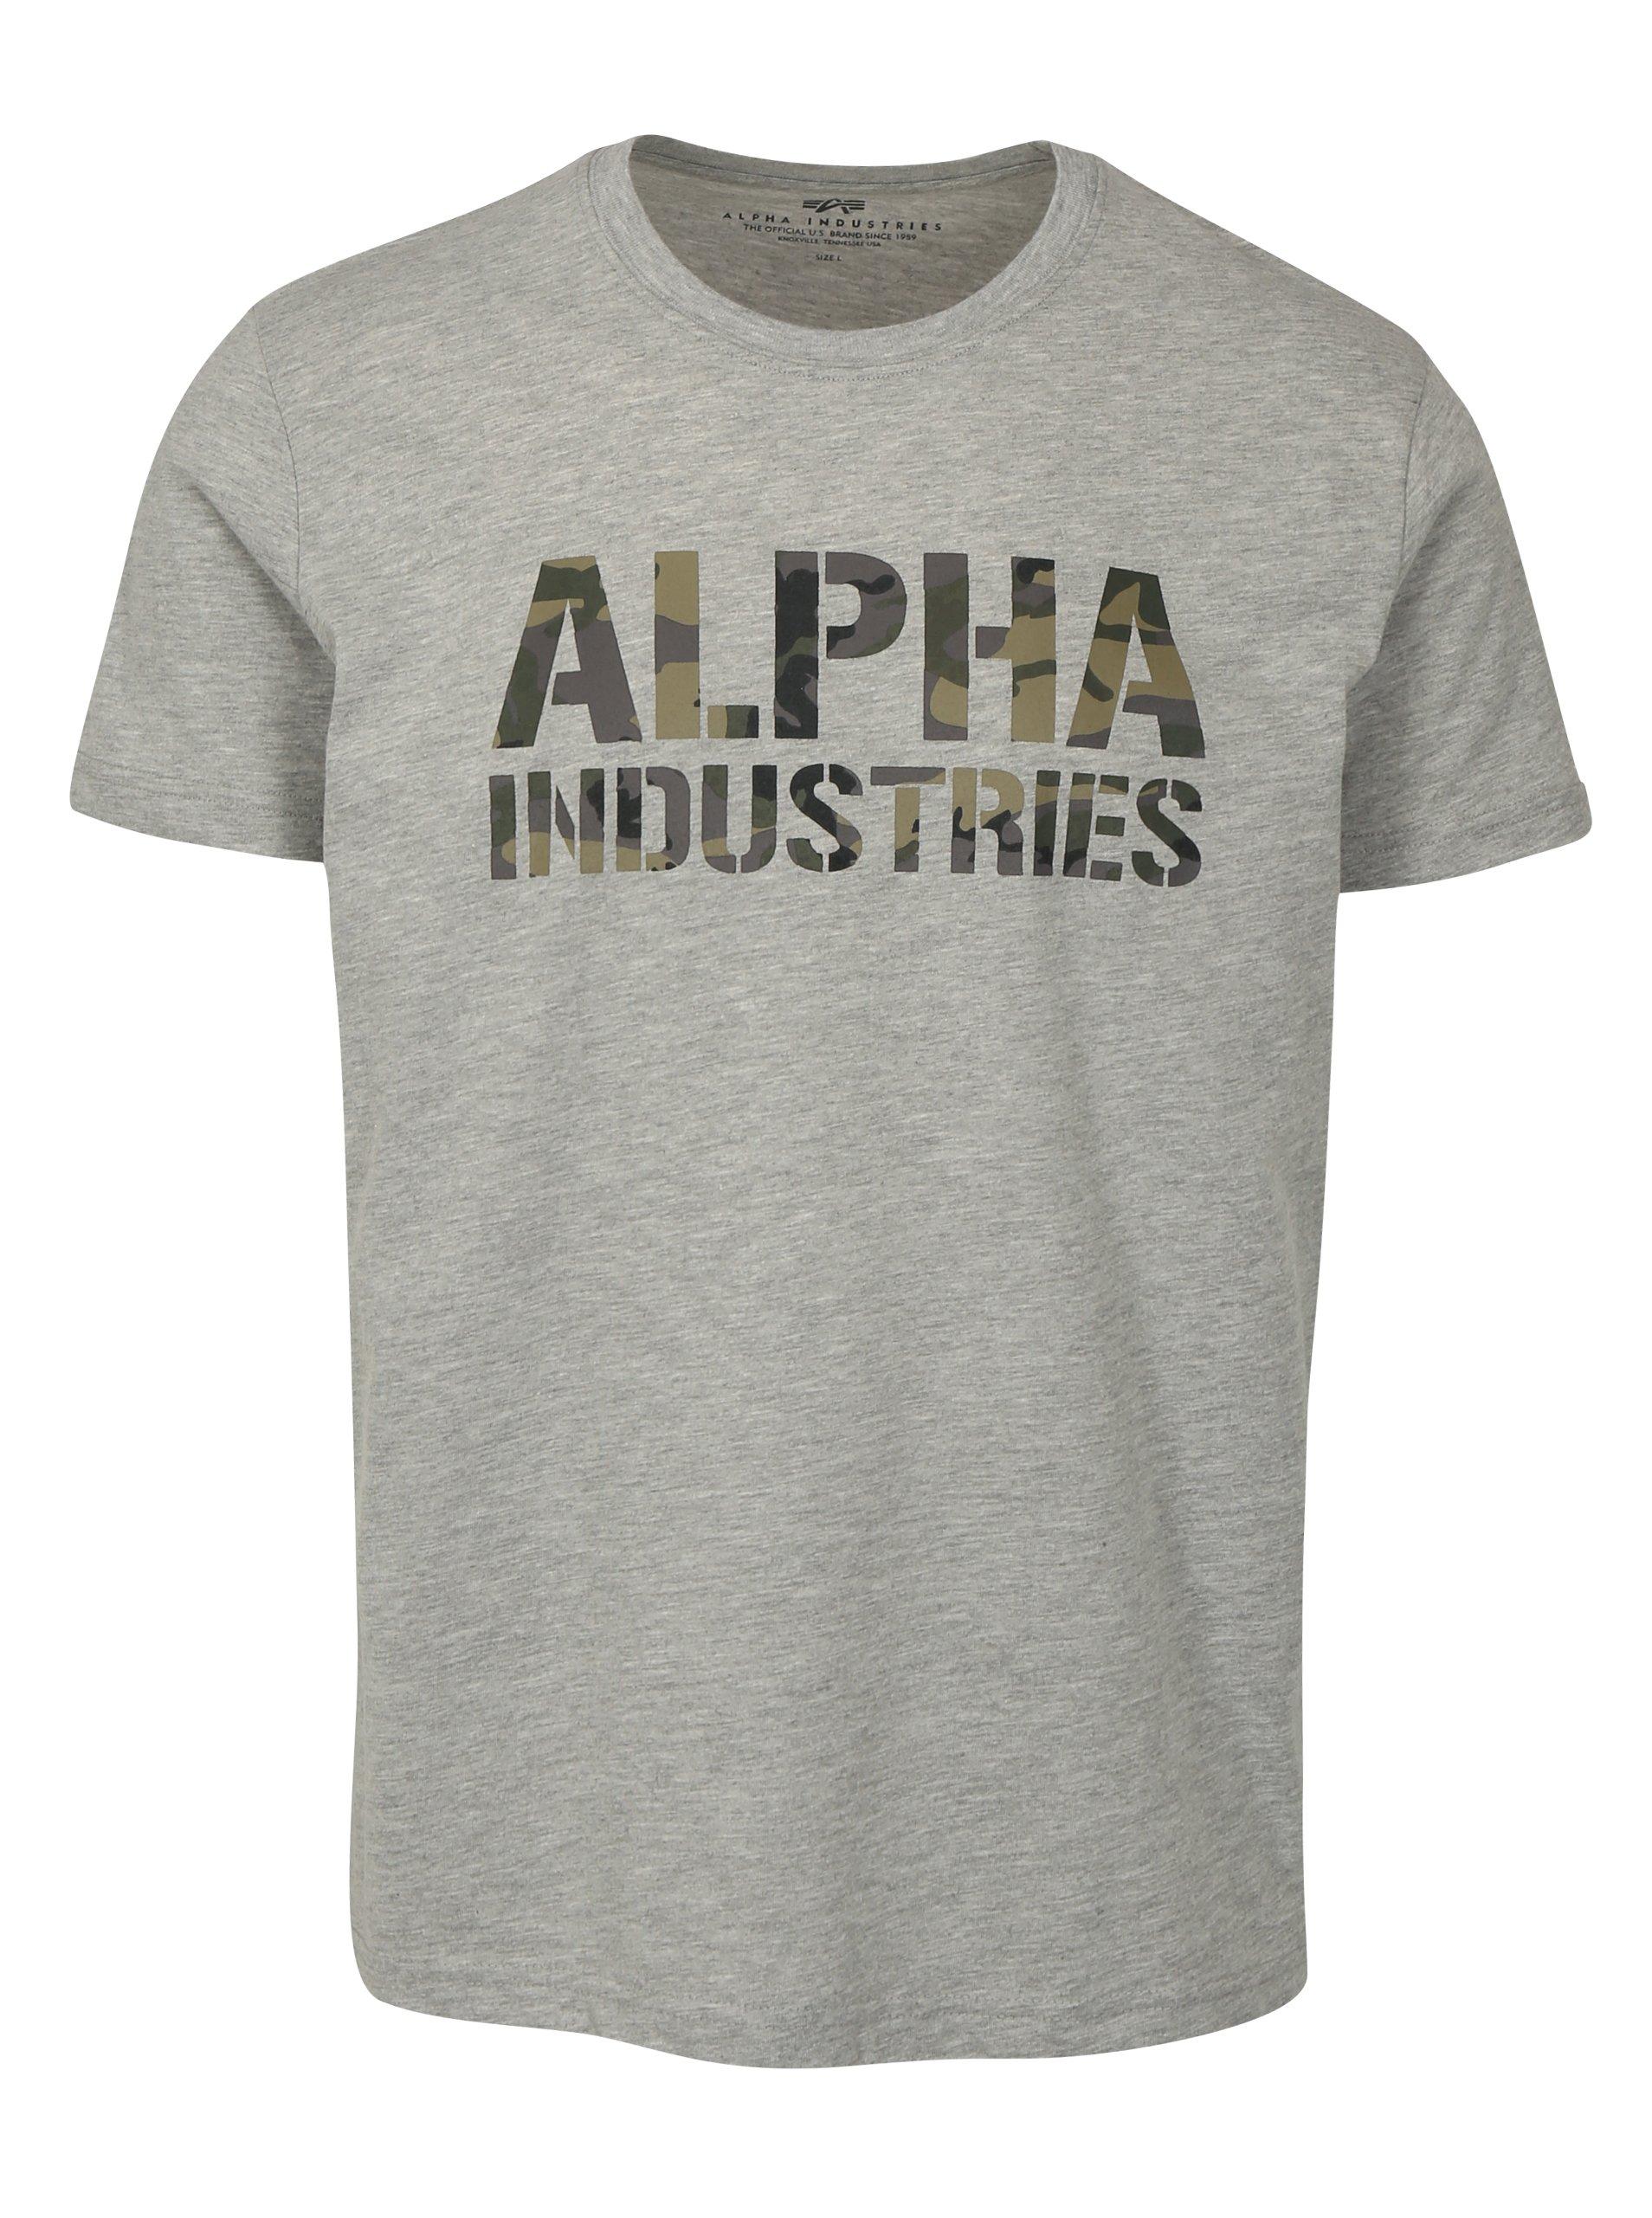 8acf150ff7db Sivé pánske tričko s potlačou ALPHA INDUSTRIES